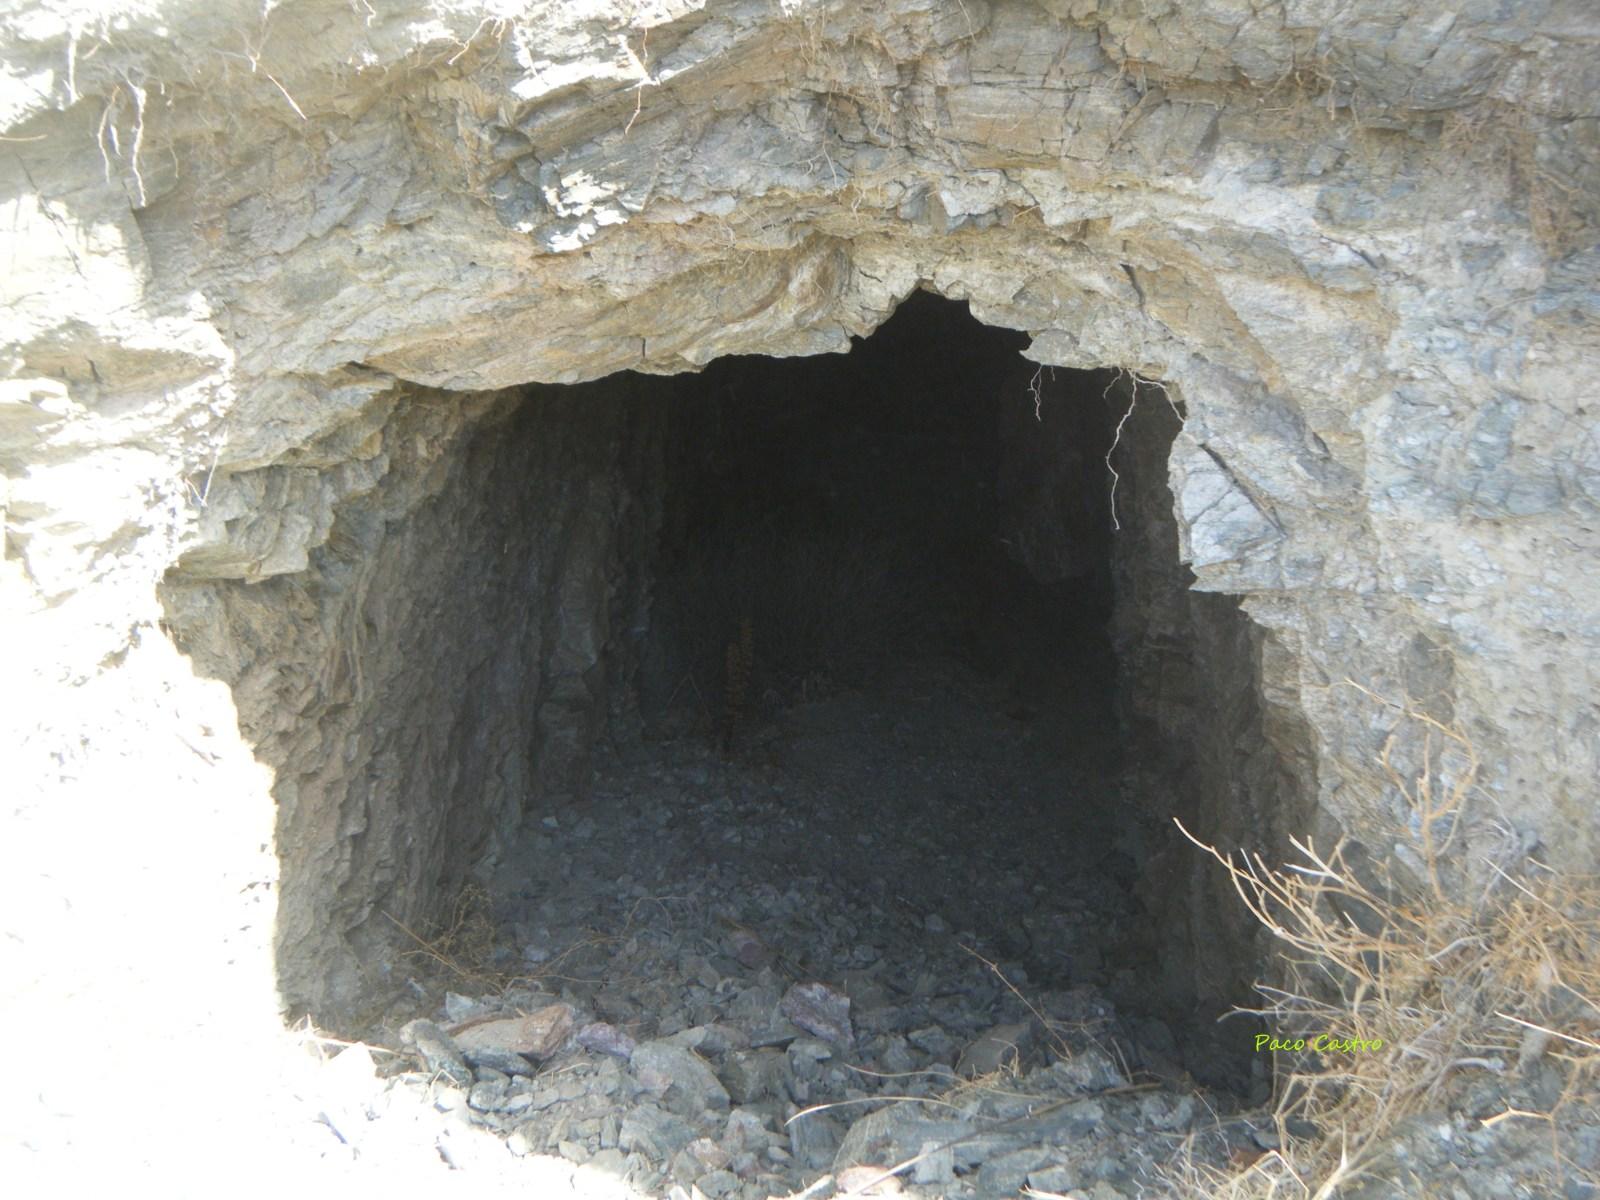 Mina 2º San Antonio, Bco. de la Francesa, Zurgena, Almeria, Andalucia, España 15rjc6c